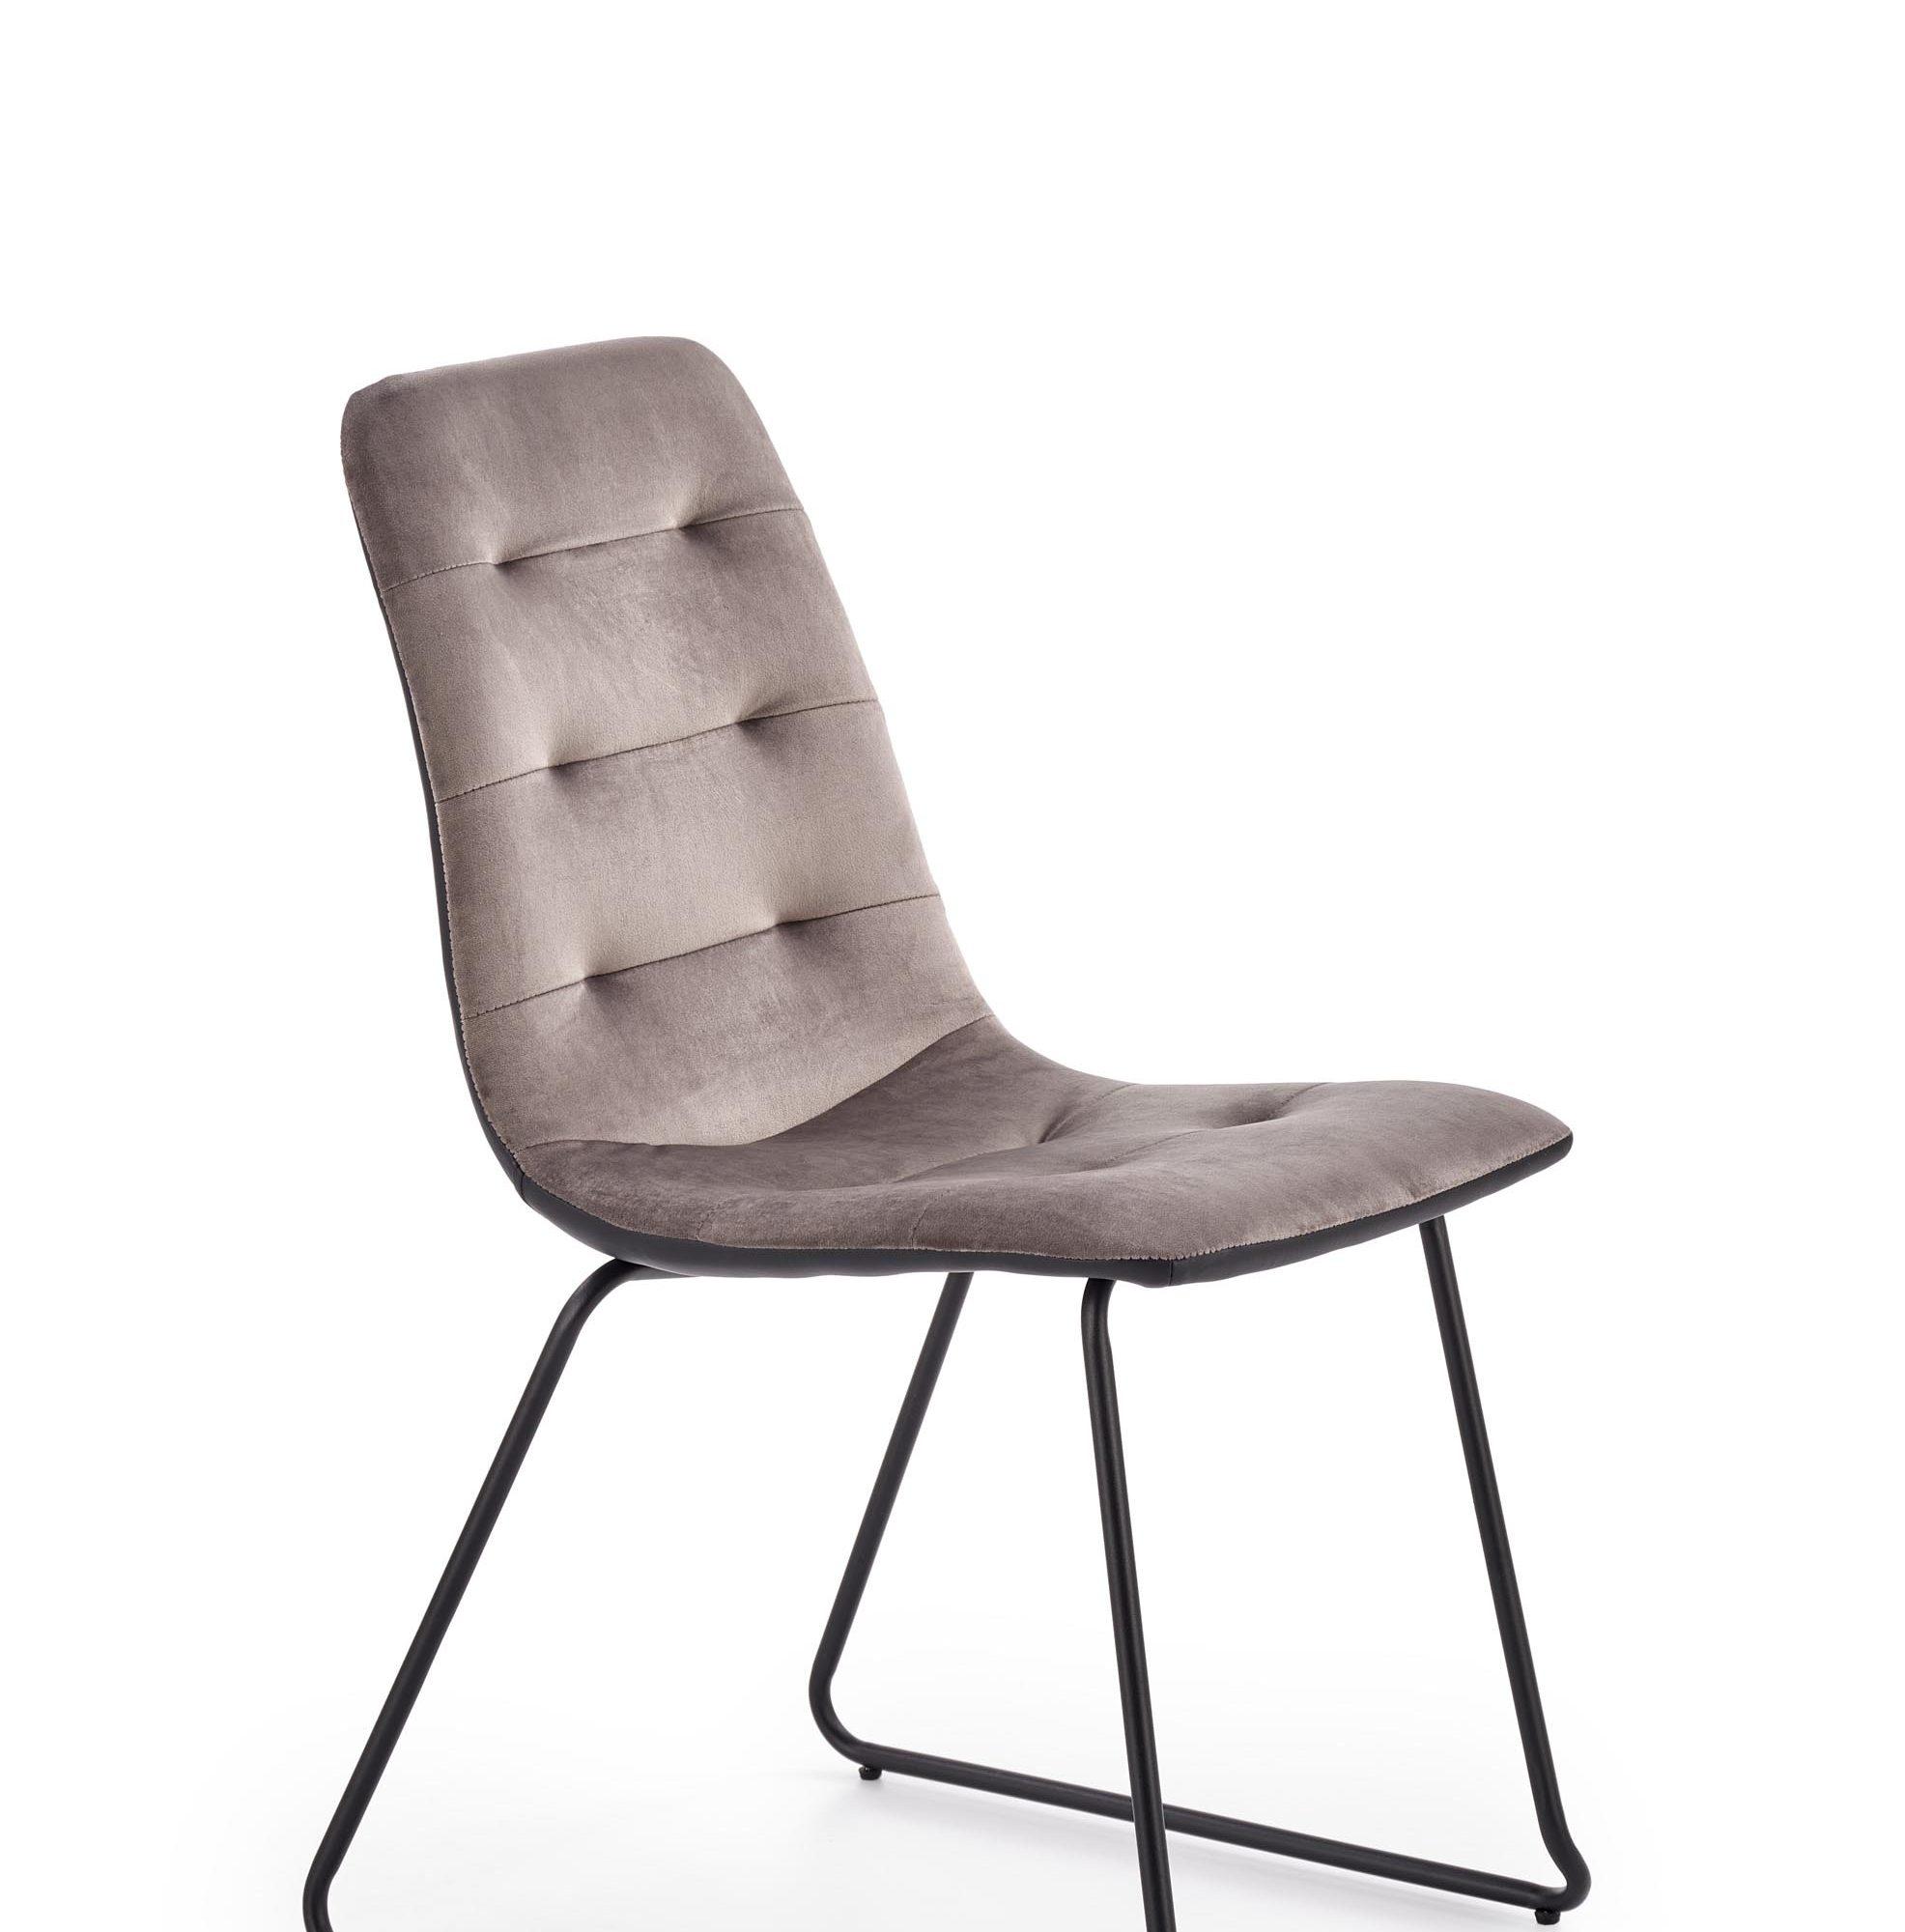 Scaun tapitat cu stofa si piele ecologica, cu picioare metalice K321 Gri / Negru, l45xA55xH84 cm